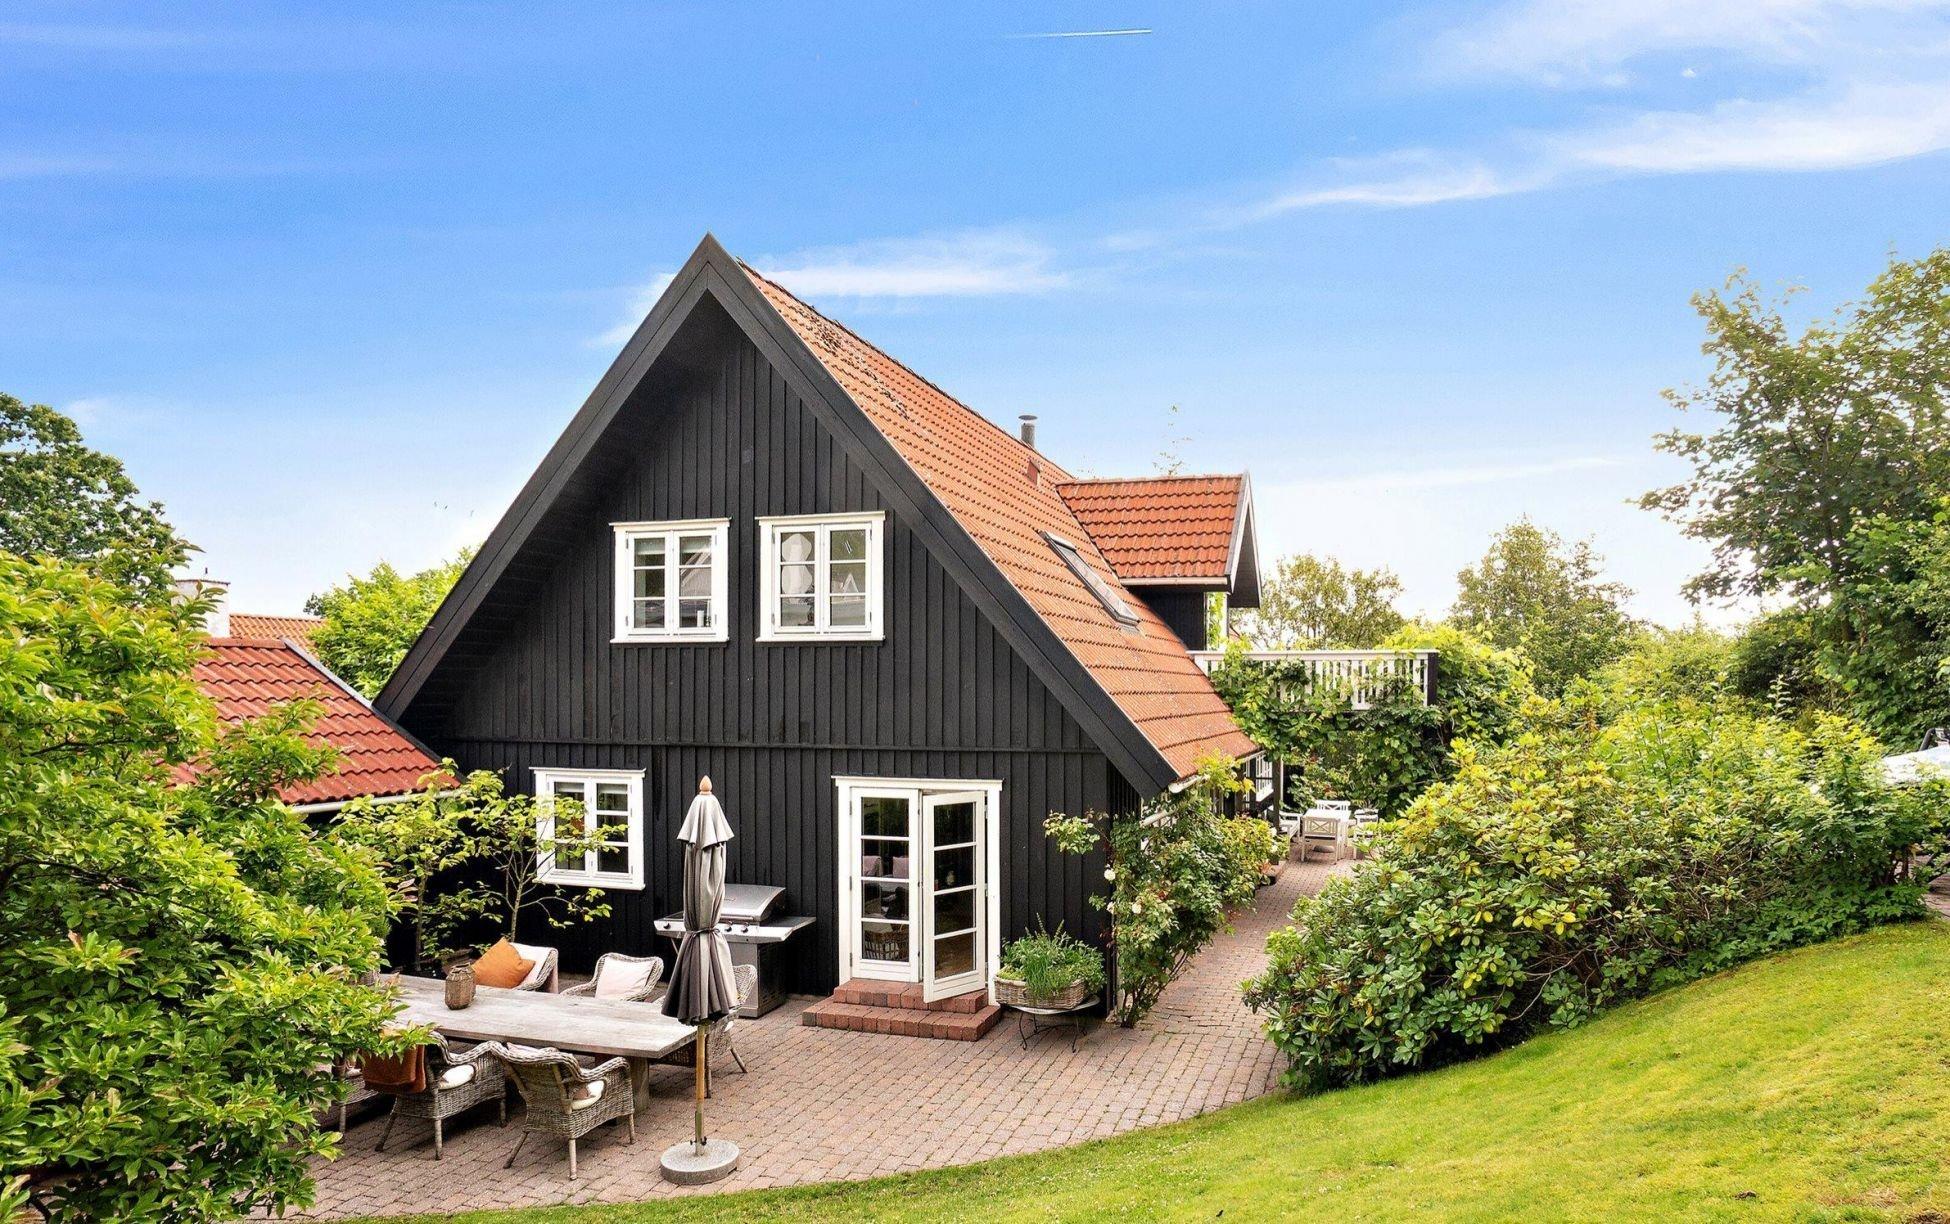 Dům, který dnes navštívíme alespoň virtuální cestou, je splněným snem pro každého, kdo miluje venkovský styl bydlení. Vyrostl poblíž Kodaně a více než moderní městské sídlo připomíná chalupu na venkově. Jeho interiér je však vysoce komfortní a nadčasový. Pojďte se společně s námi podívat do stylového vesnického domu obklopeného vzrostlými rododendrony a šeříky.